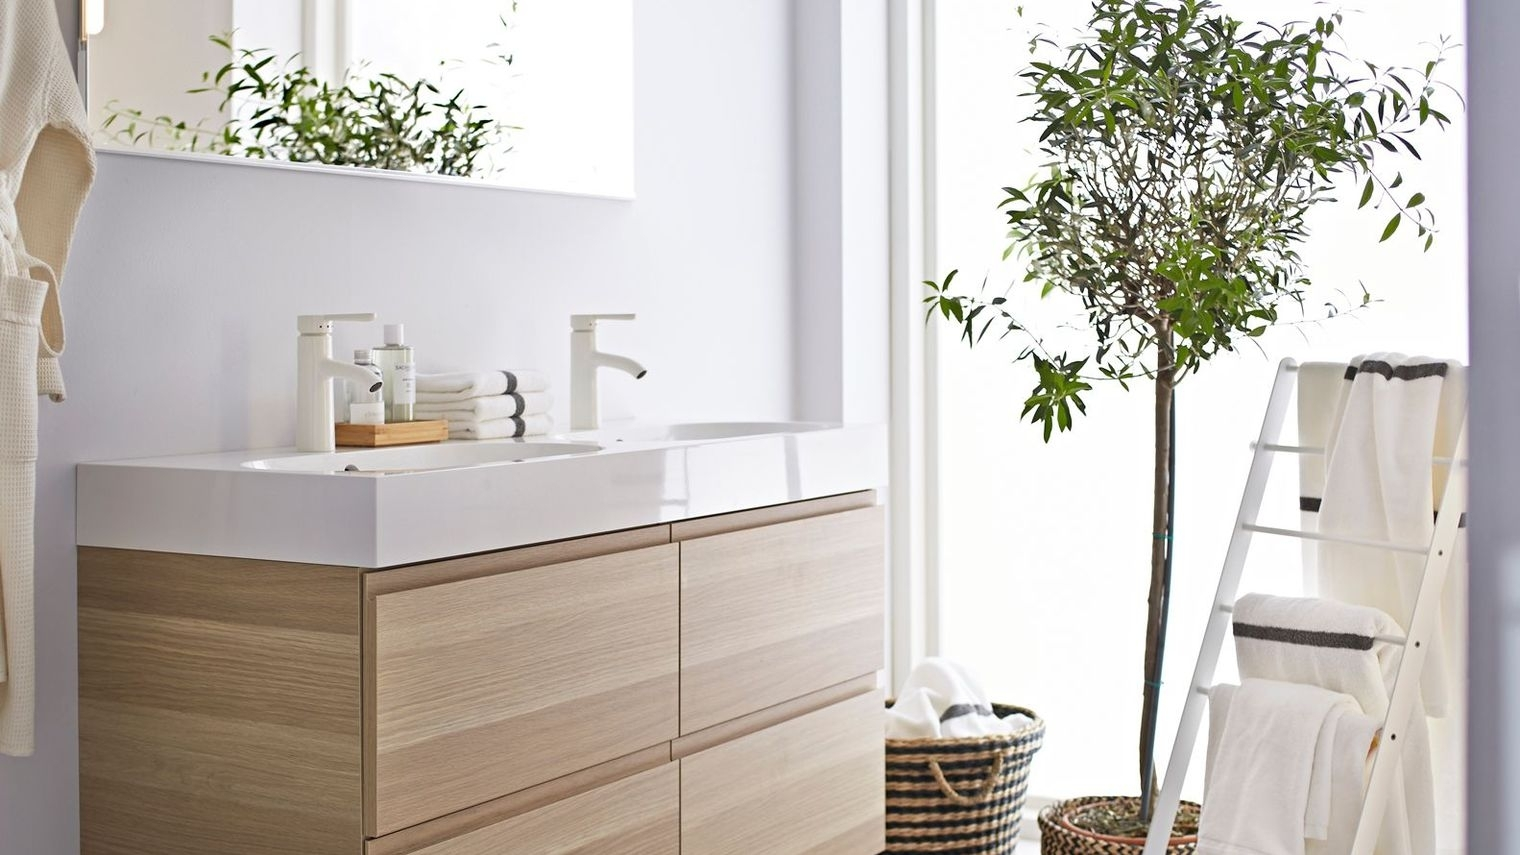 Тренды в дизайне интерьера ванной 2017